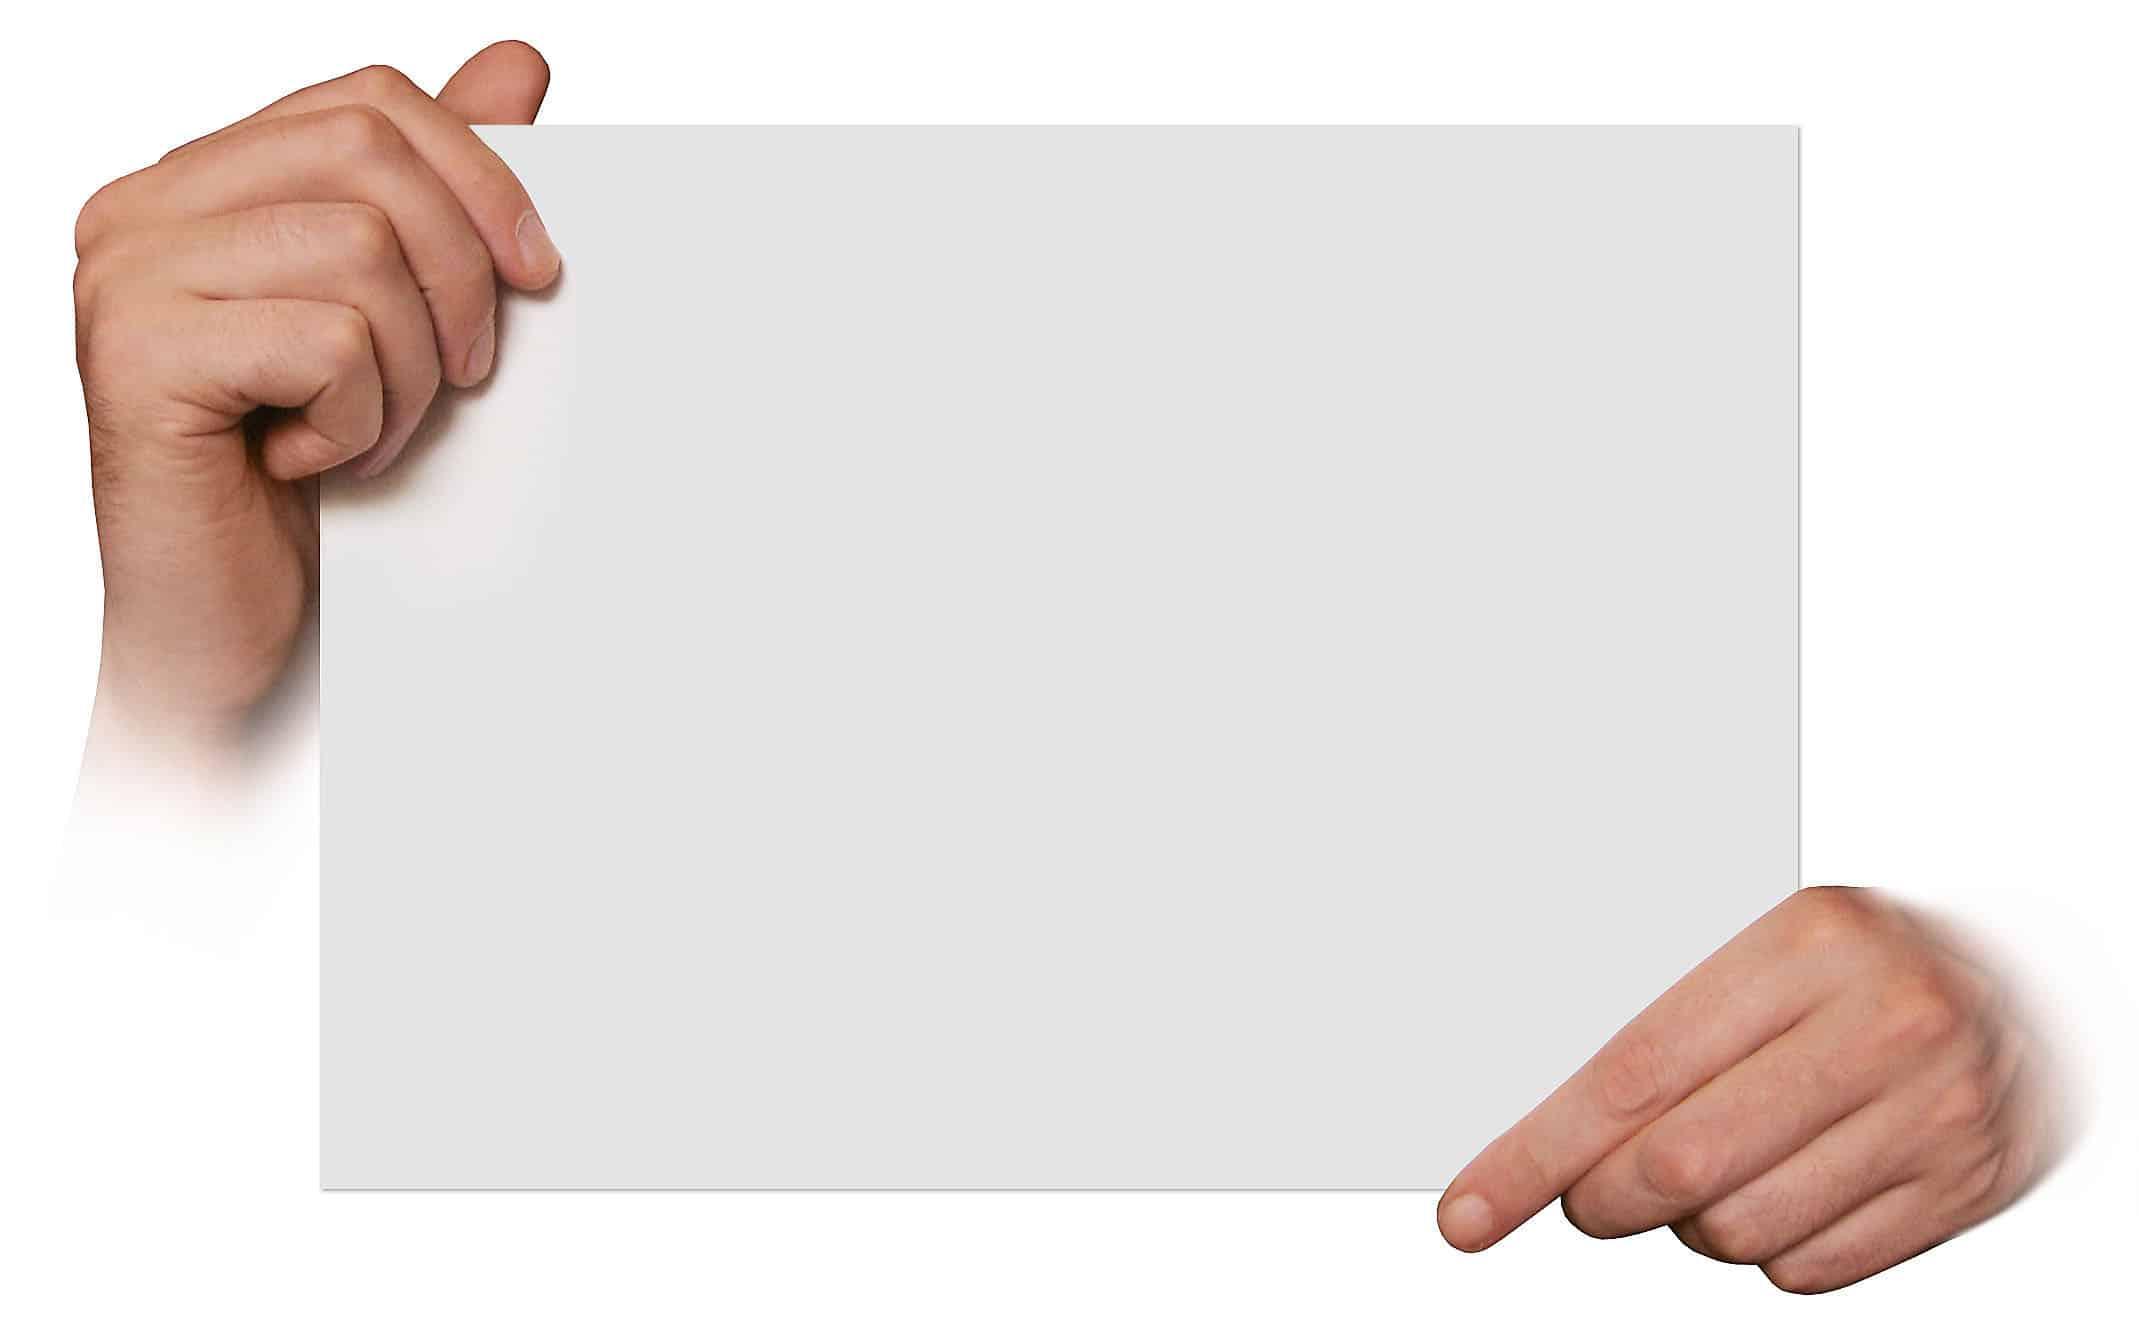 Bugiardino prodotto omeopatico pagina bianca